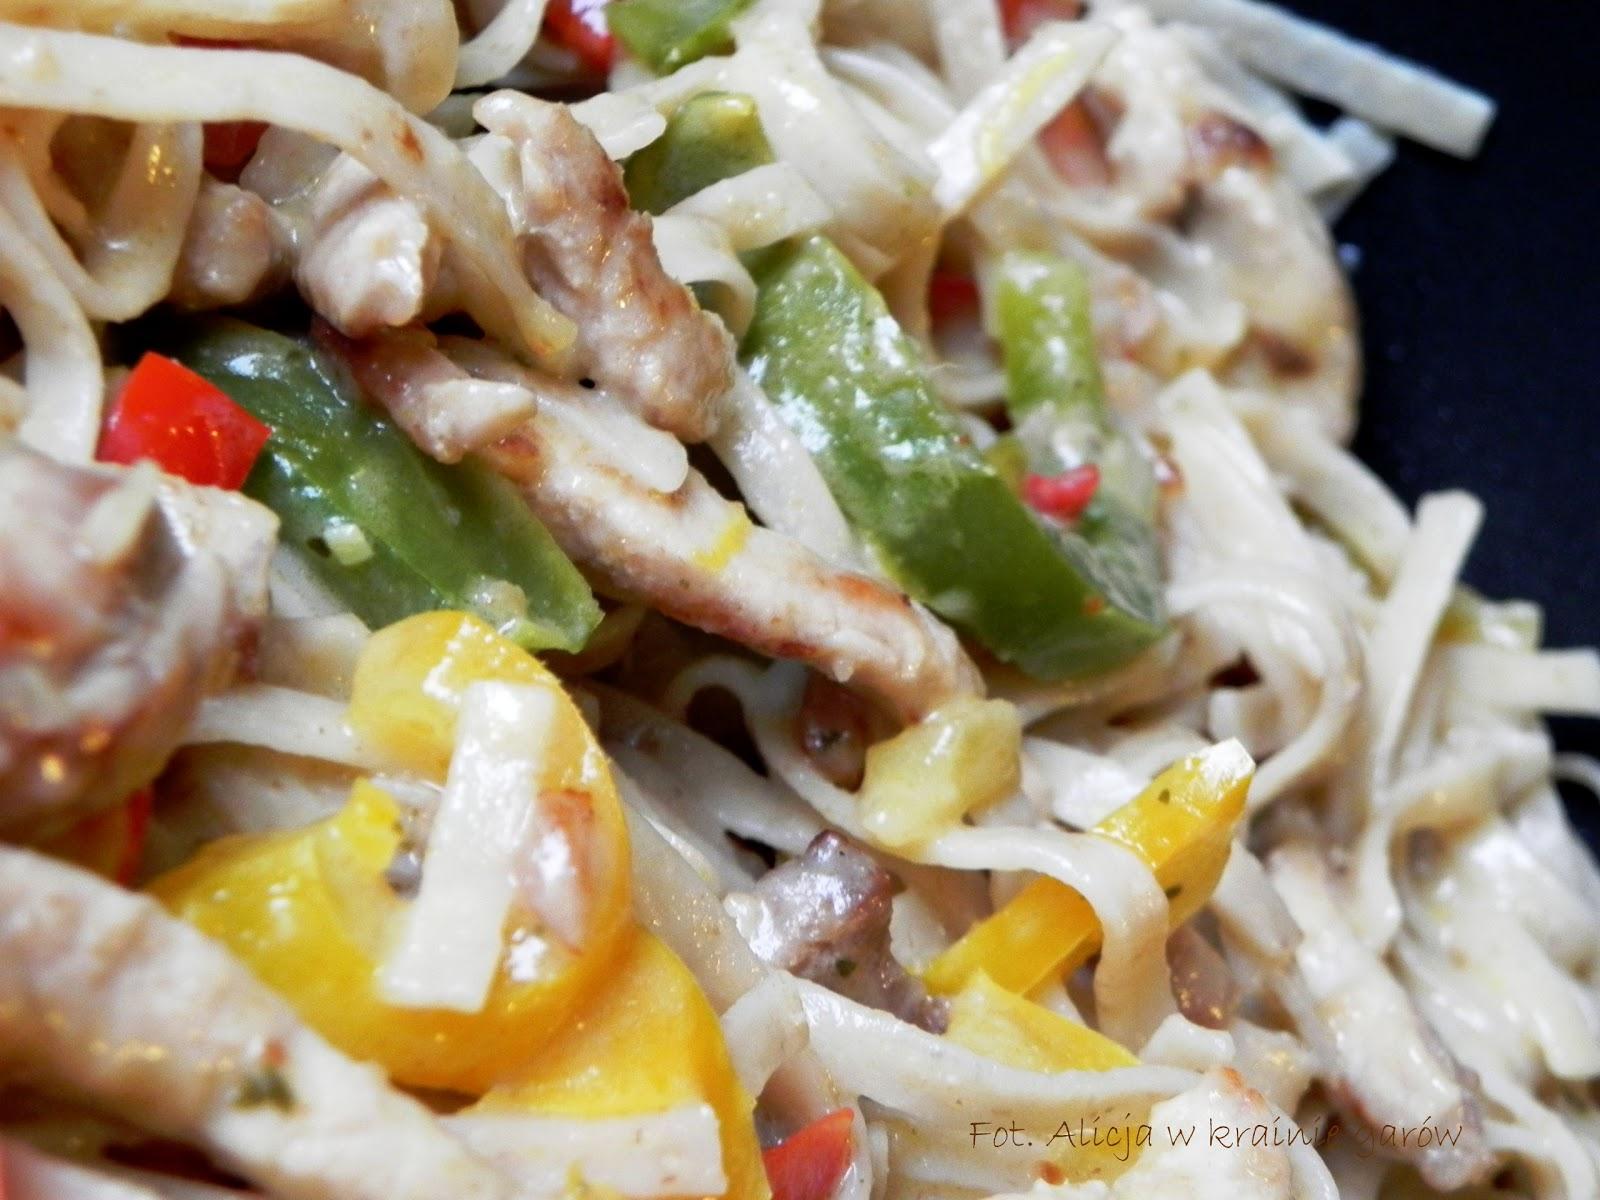 Alicja W Krainie Garow Tajskie Zielone Curry Z Papryka W